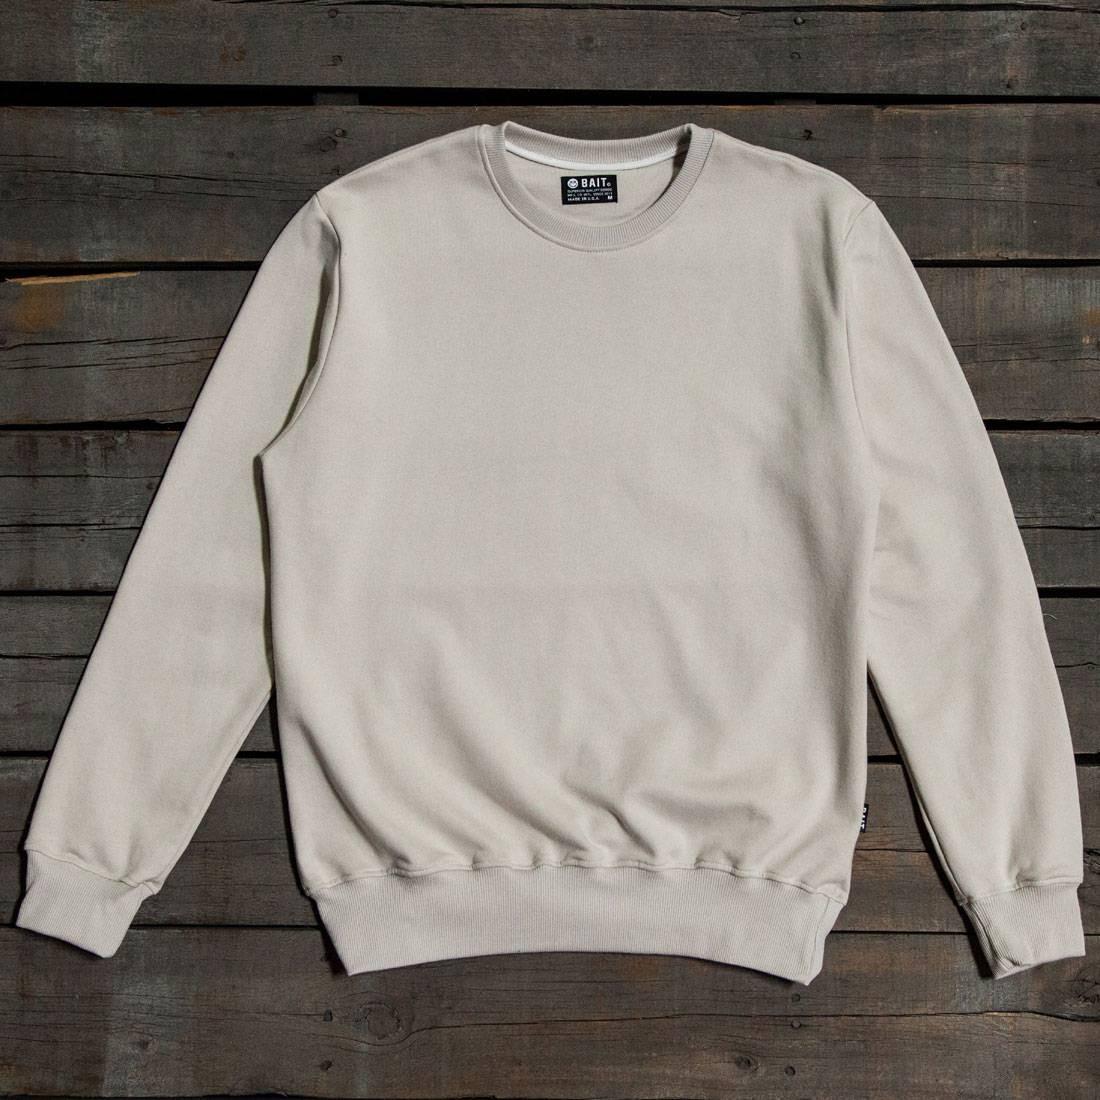 ベイト BAIT プレミアム メンズファッション トップス Tシャツ カットソー メンズ 【 Men Premium Crew Neck Sweater - Made In Los Angeles (gray / Turtledove) 】 Gray / Turtledove